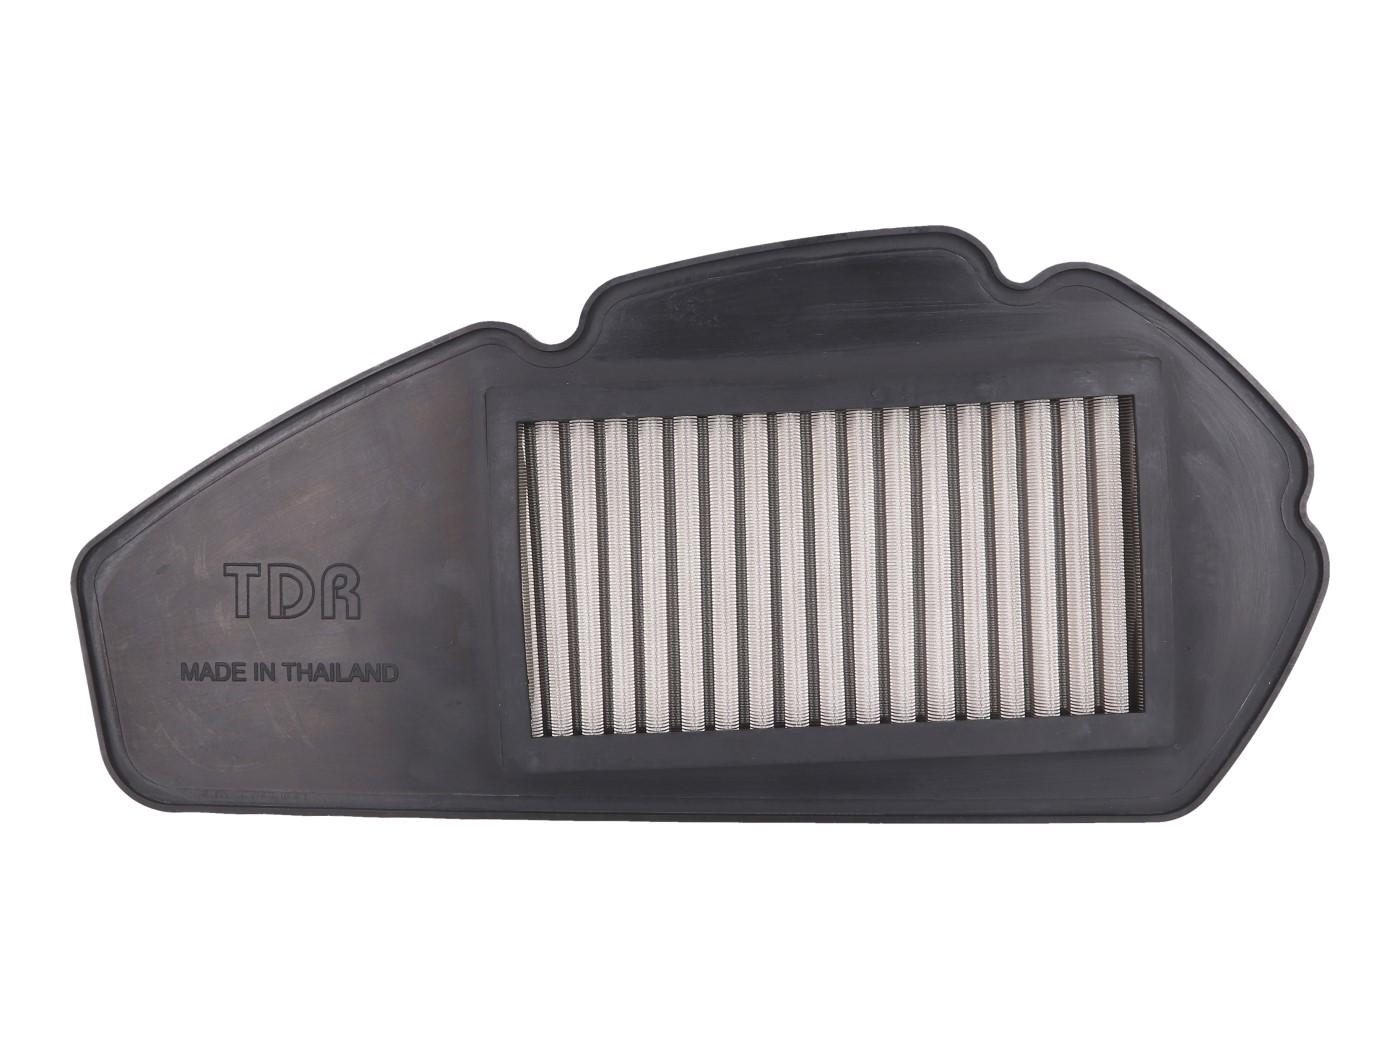 Luftfilter Einsatz TDR High Performance Edelstahl für Yamaha Aerox 155